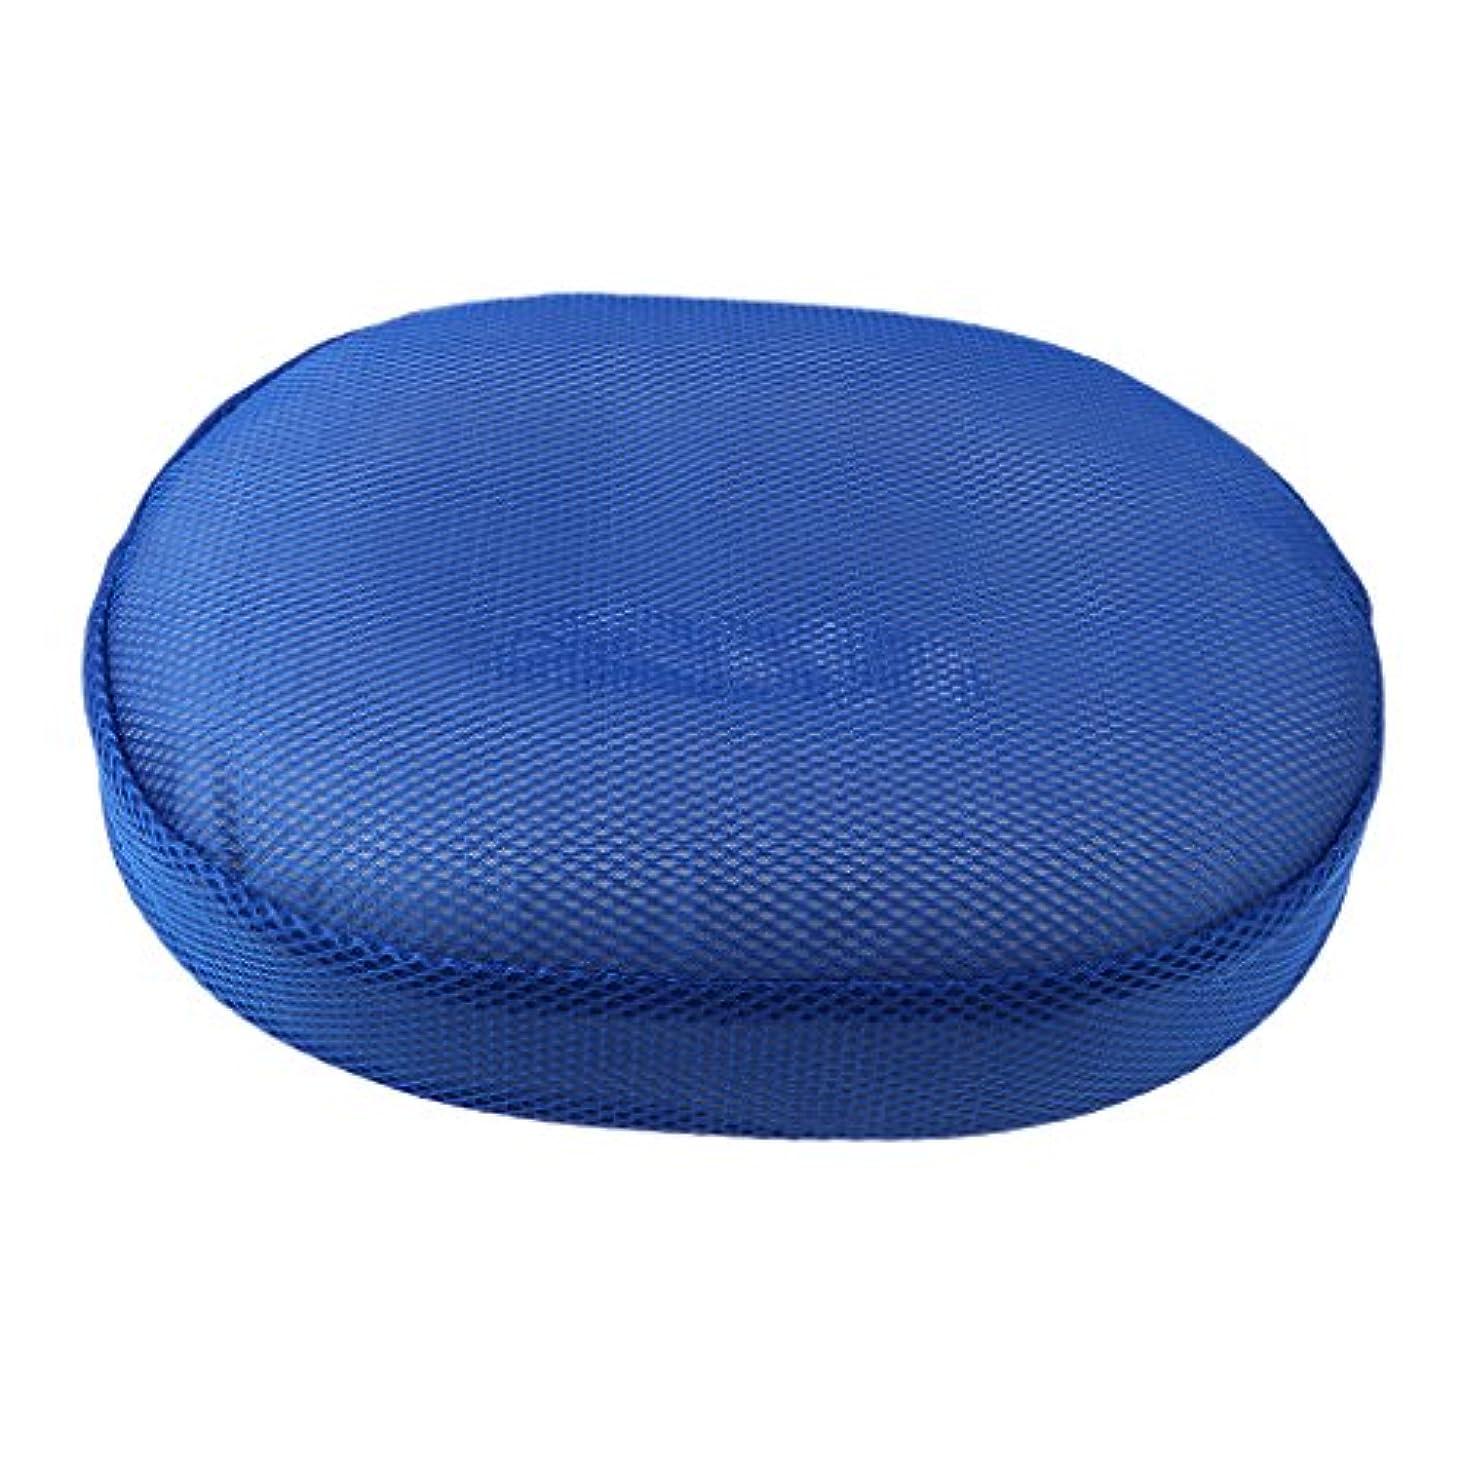 アラブサラボ議題器用低反発 円座 クッション ドーナツ型 腰痛 痔 産後 美尻 座布団 骨盤 腰痛軽減 全3色 - 青